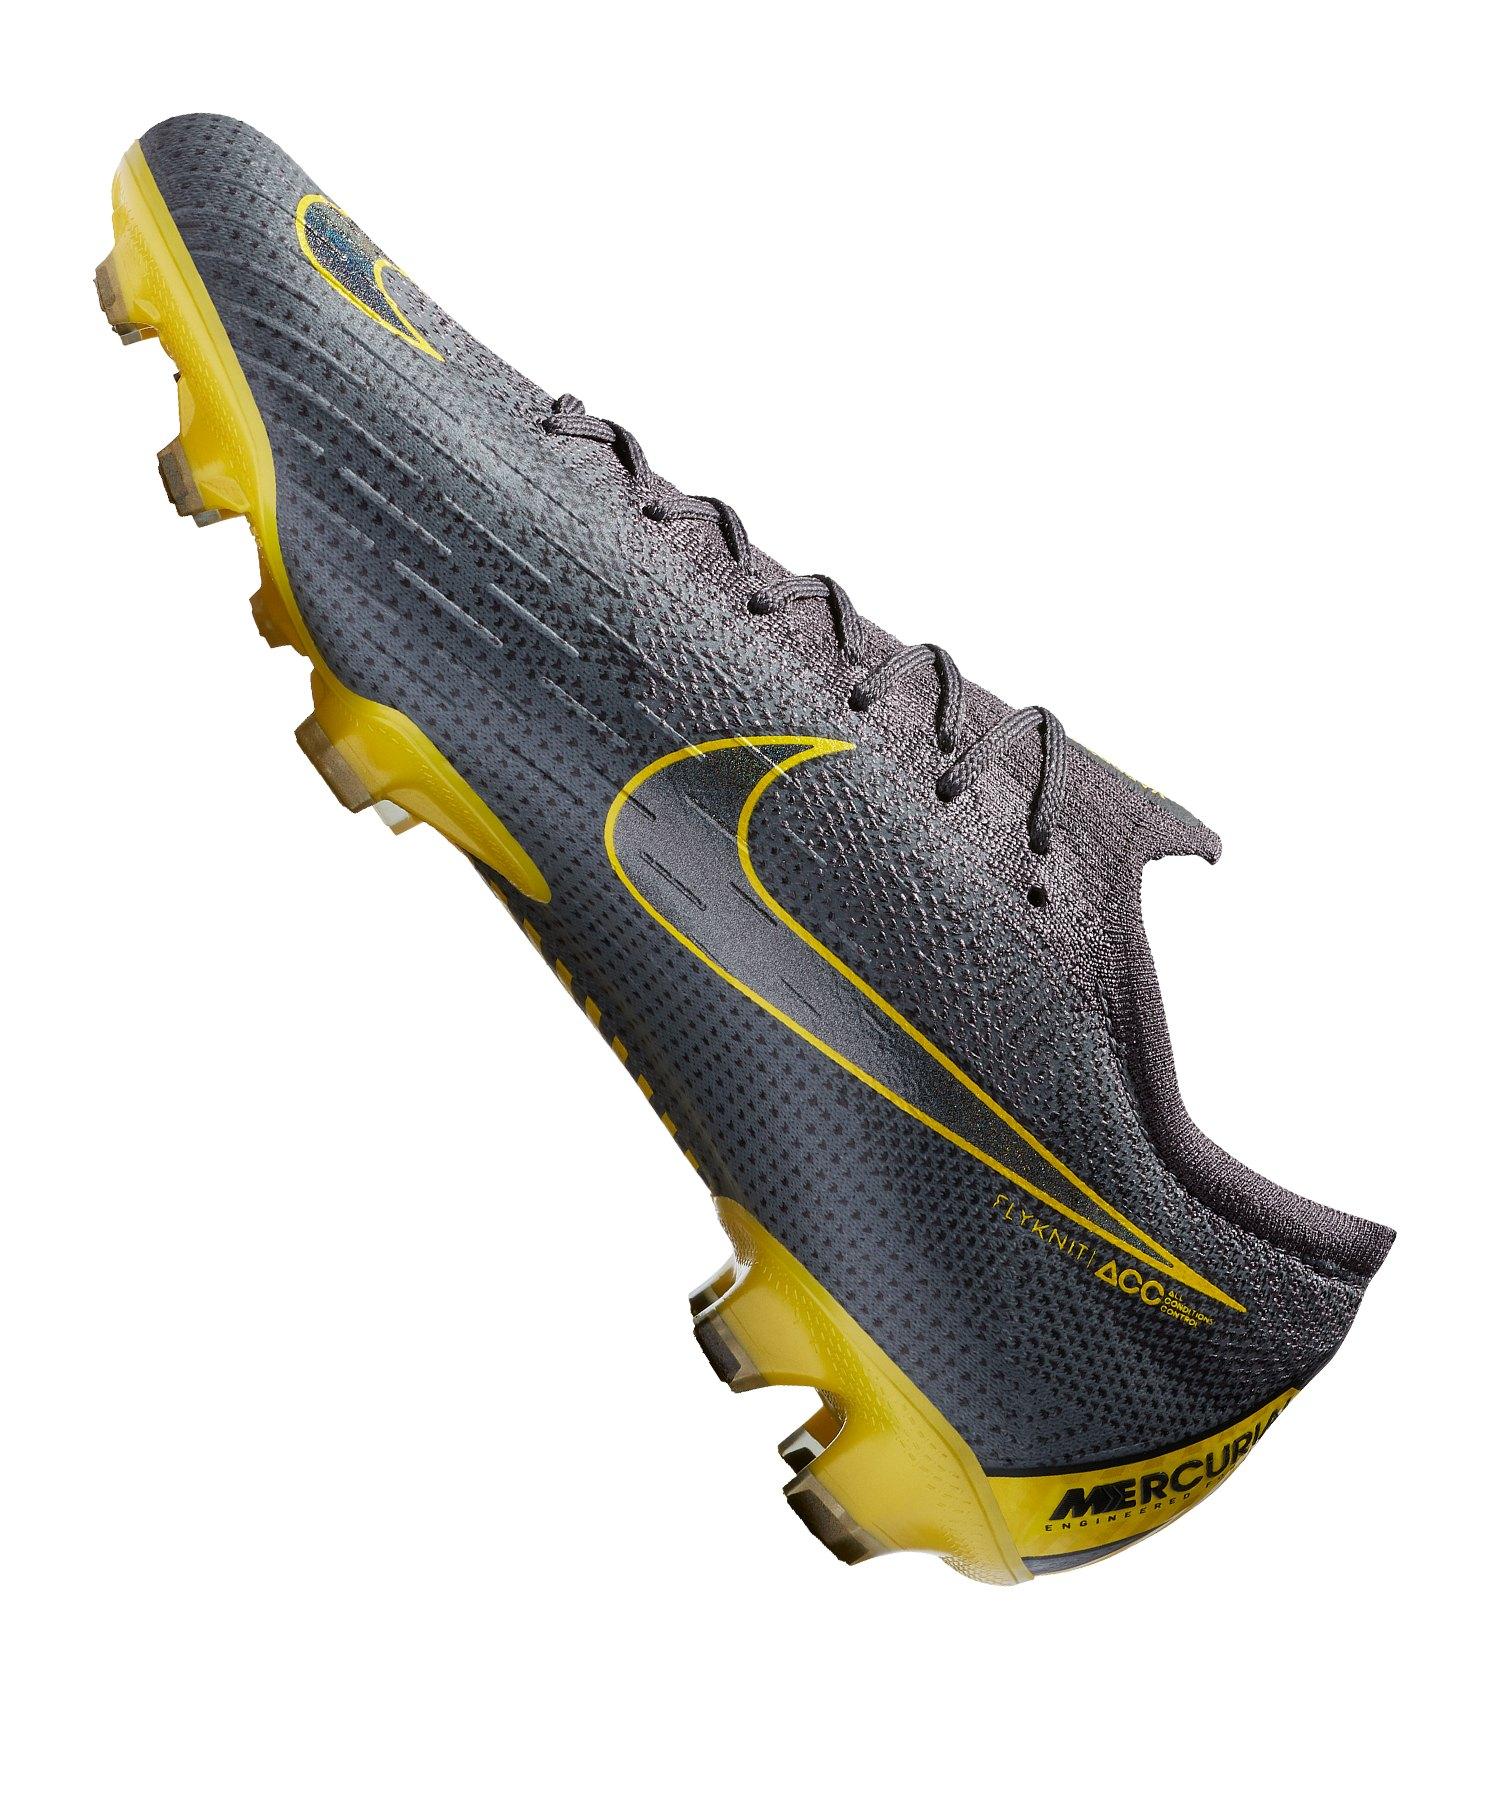 7dc0bcd0c ... Nike Mercurial Vapor XII Elite FG Grau F070 - grau ...